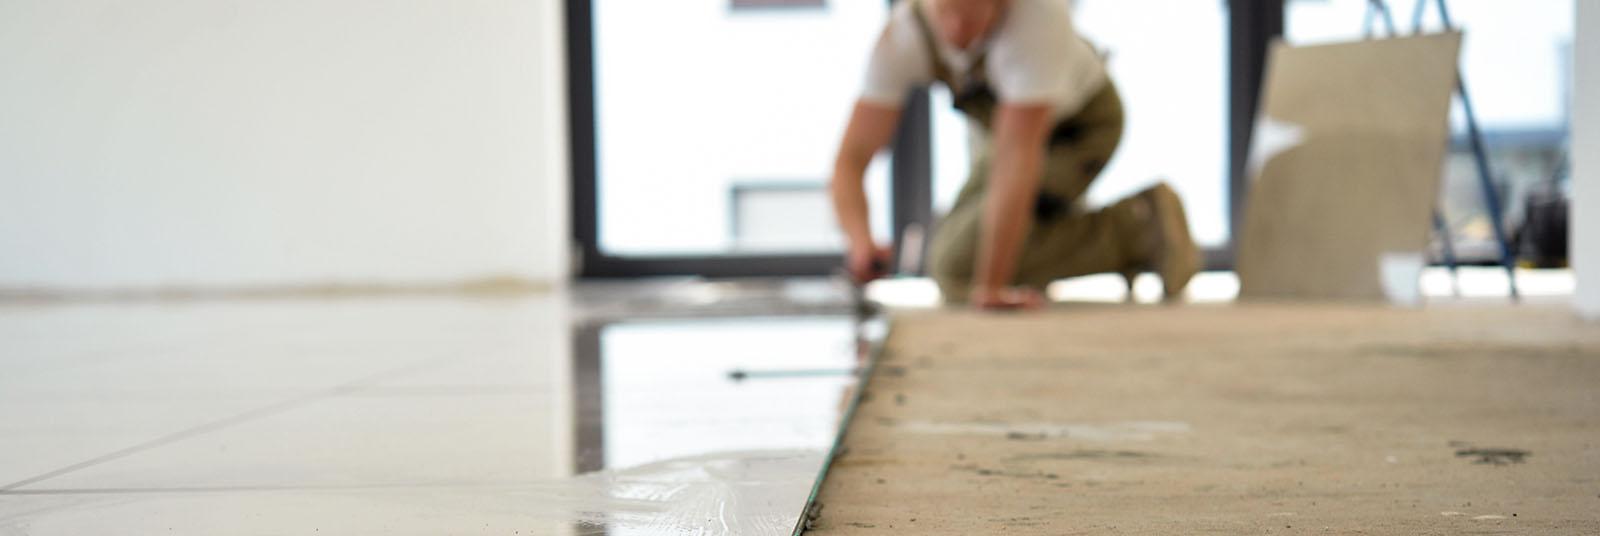 Handwerker verlegt einen Fußboden